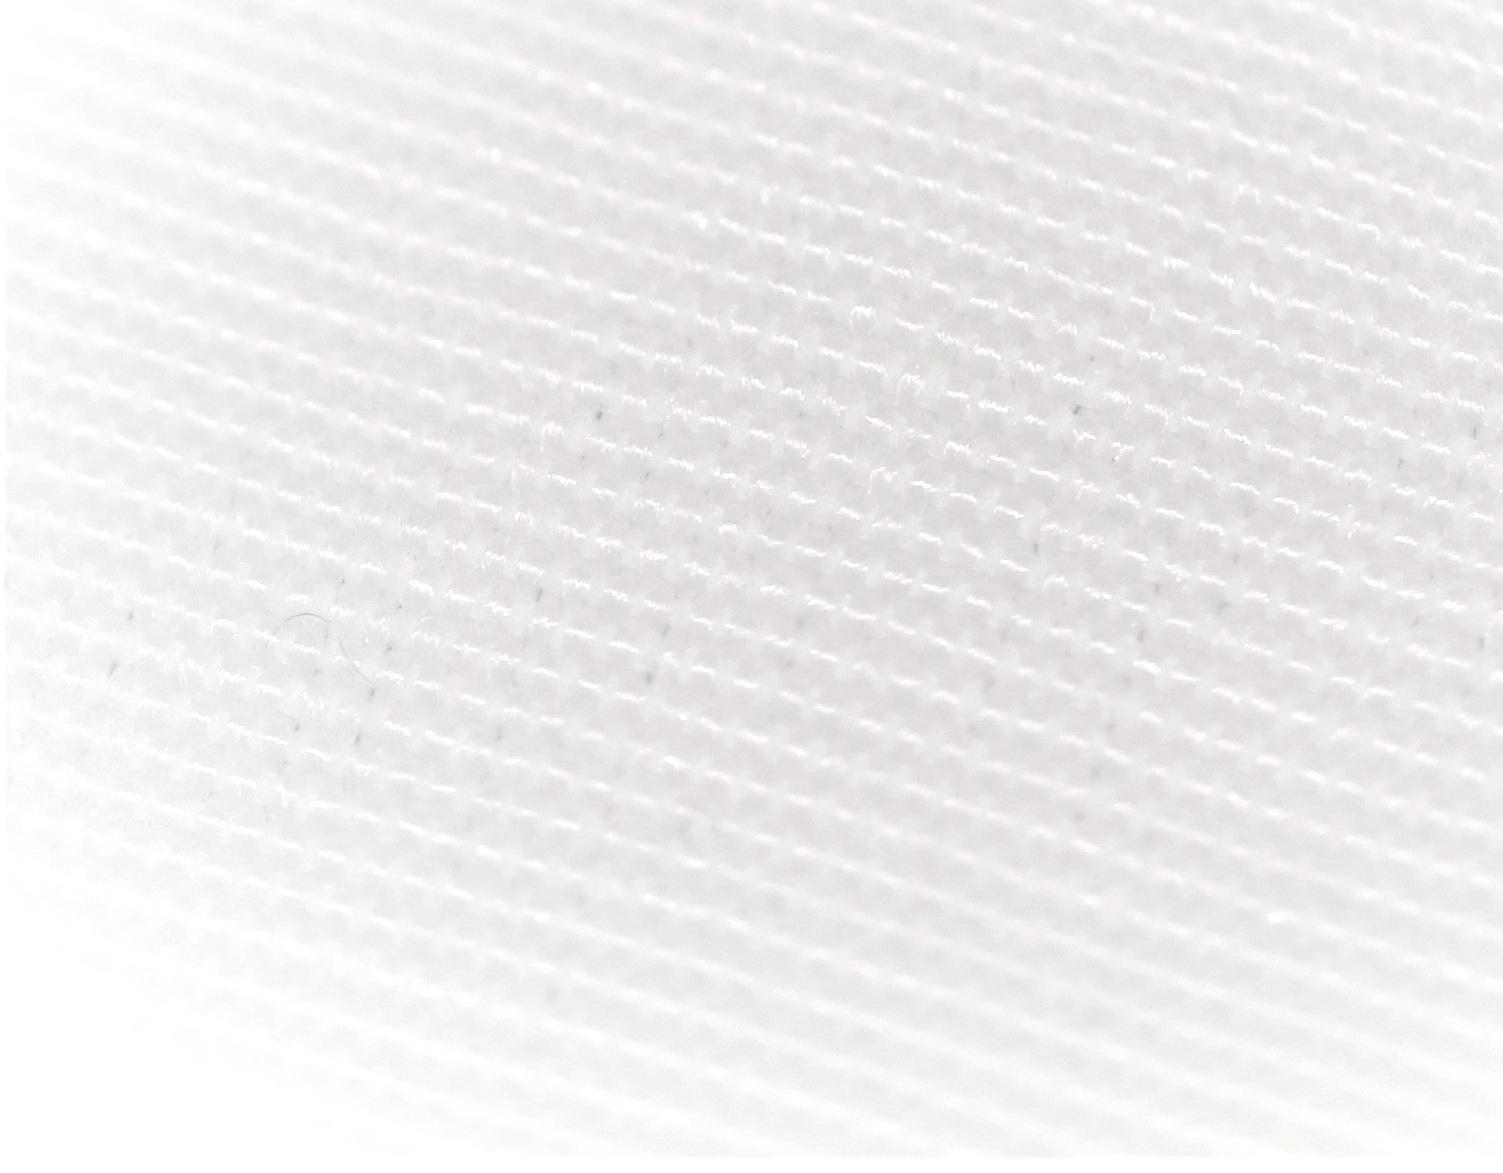 Le compétiteur spécialisé - Bien que ce soit des microfibres tissées extrêmement serrées et que ce soit une housse spécialisée pour personnes allergiques offrant la protection anti acarien, nous pouvons apercevoir plusieurs trous qui laissent présager que la barrière anti acarien n'est pas aussi efficace qu'avec la technologie du haut.